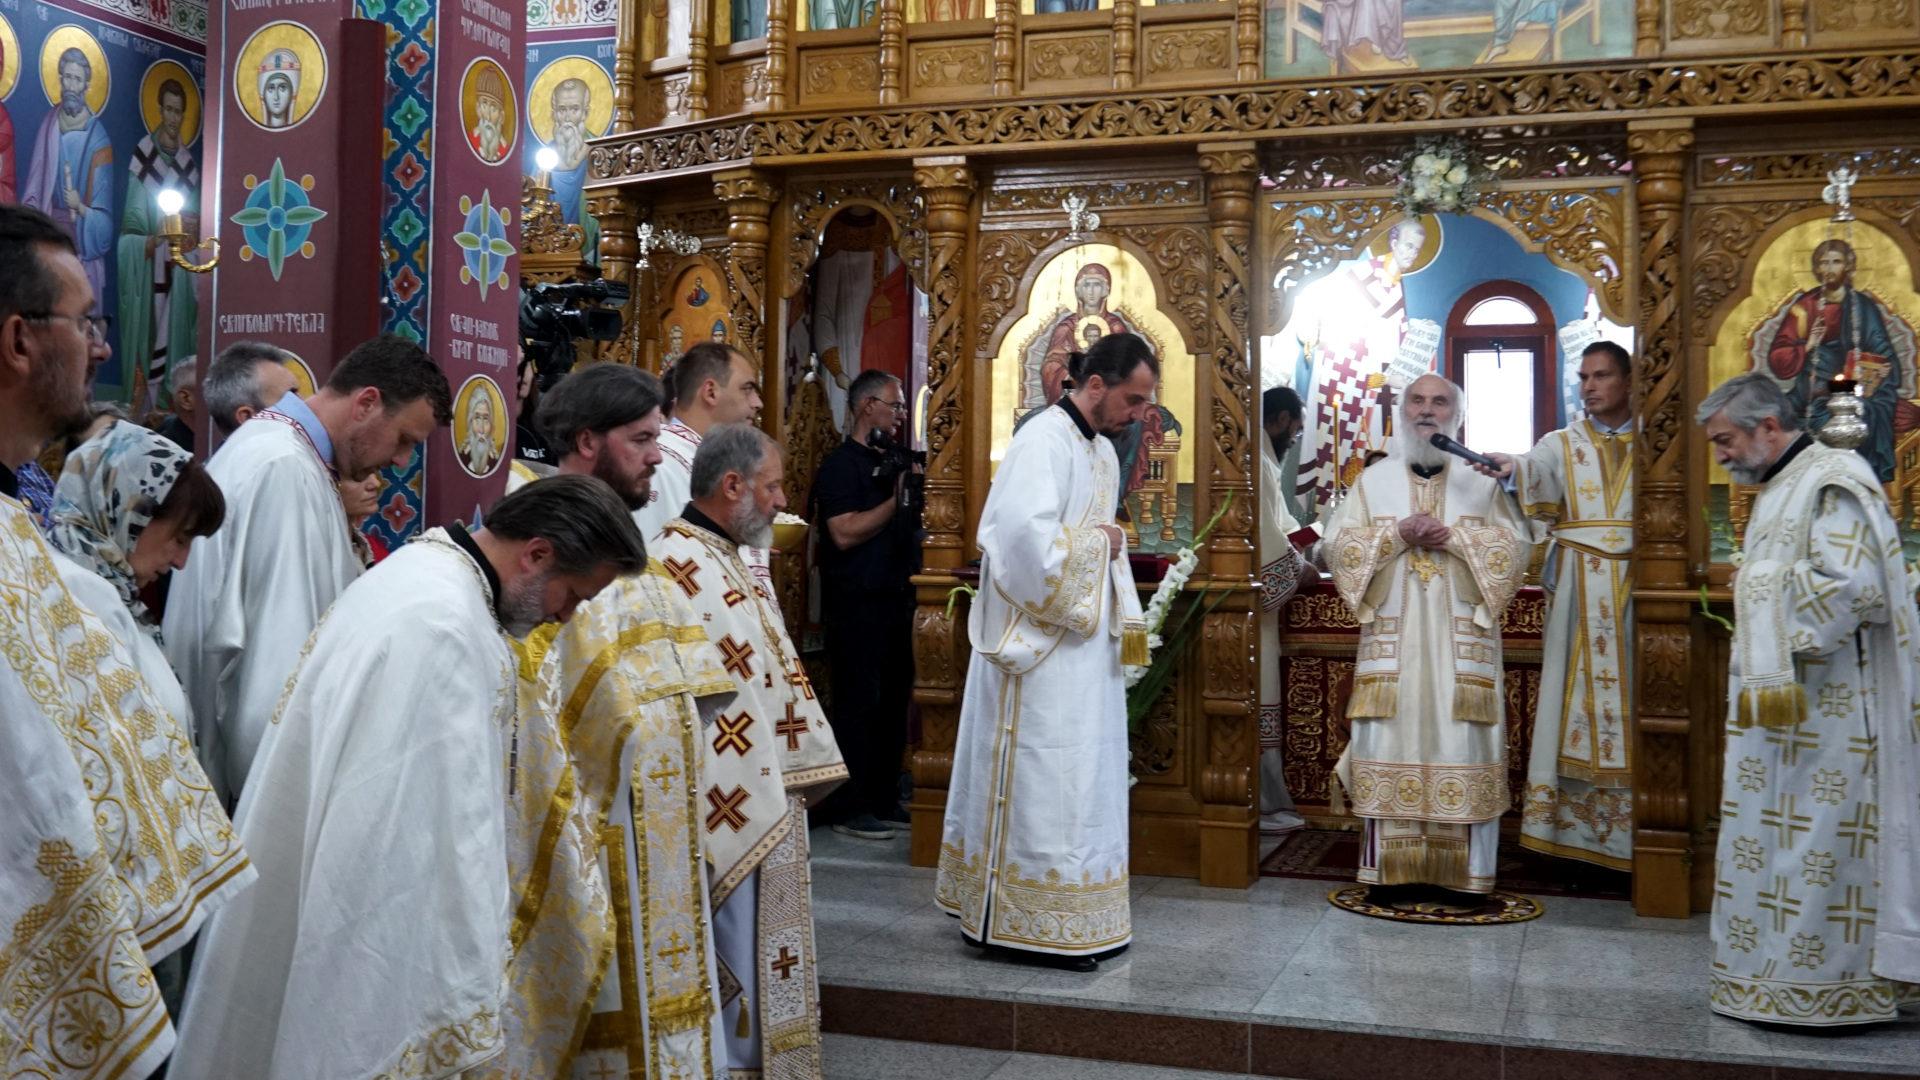 Gottesdienst mit dem serbisch-orthodoxen Patriarchen Irinnen Gavrilovic (am Mikrofon)  | © Vera Rüttimann